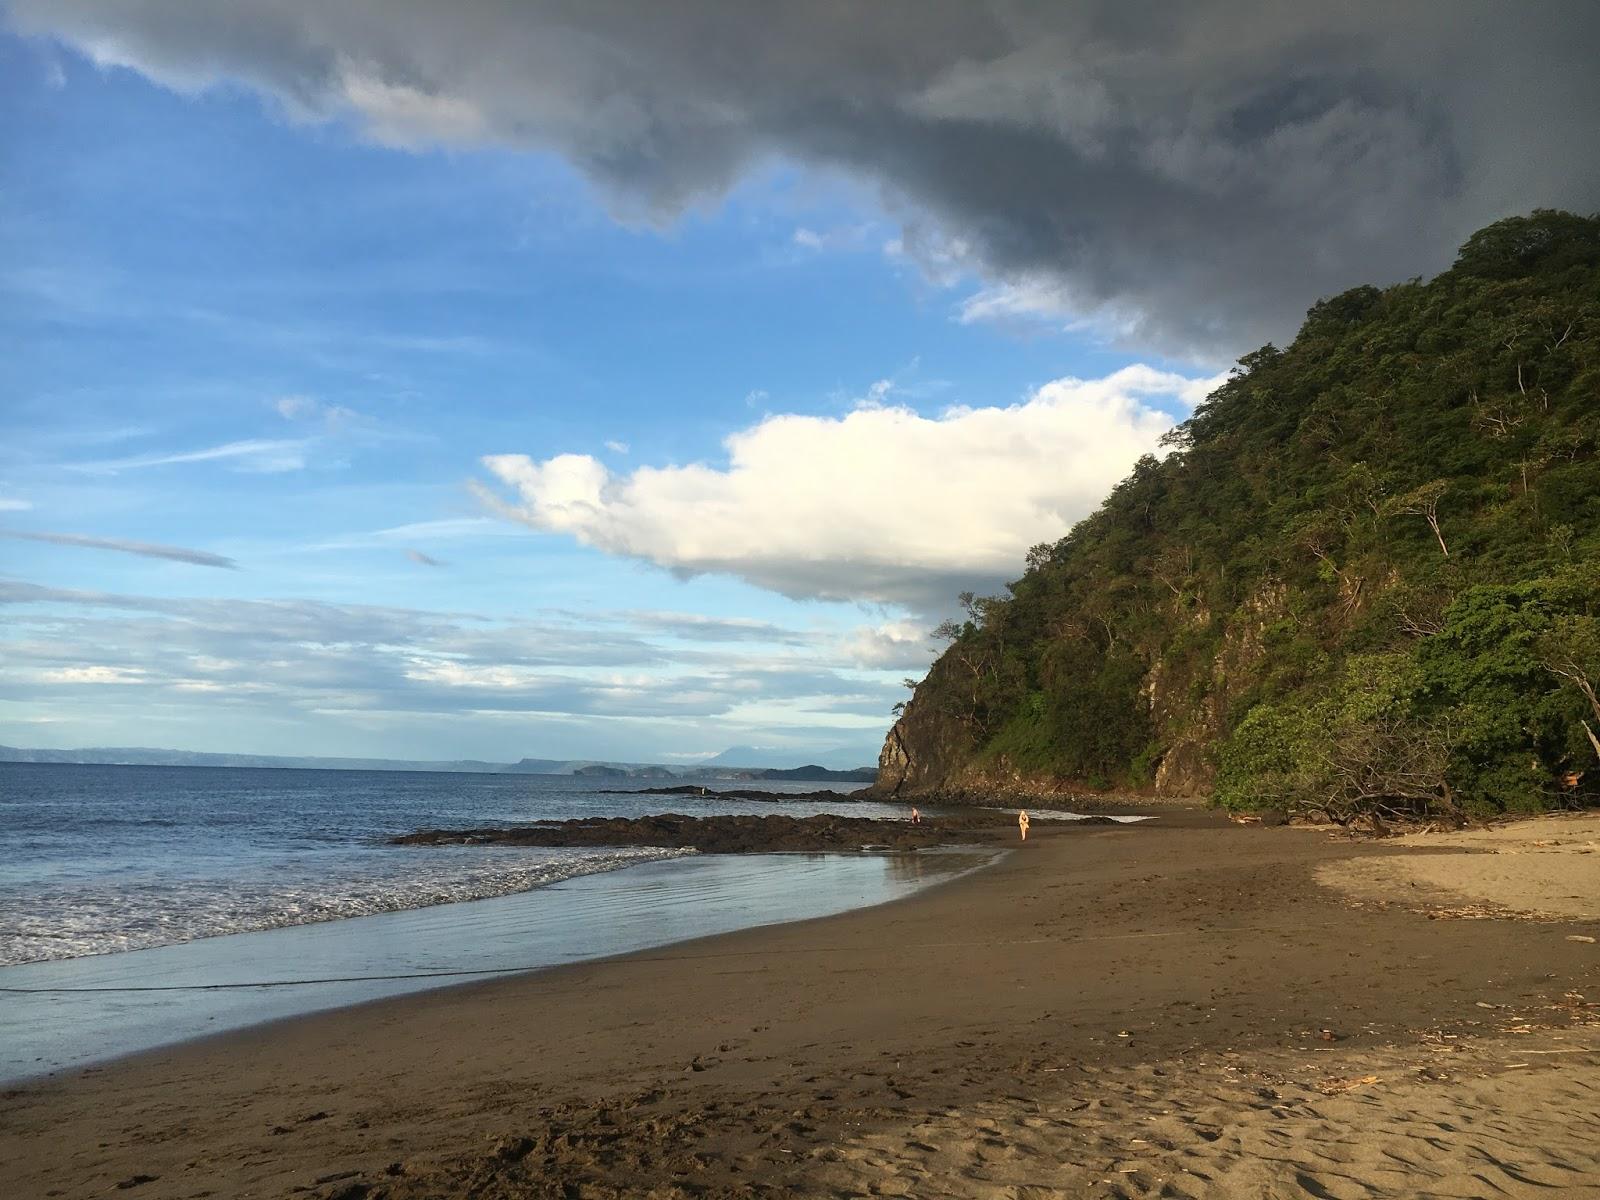 Playa Matapalo Guanacaste Province Costa Rica